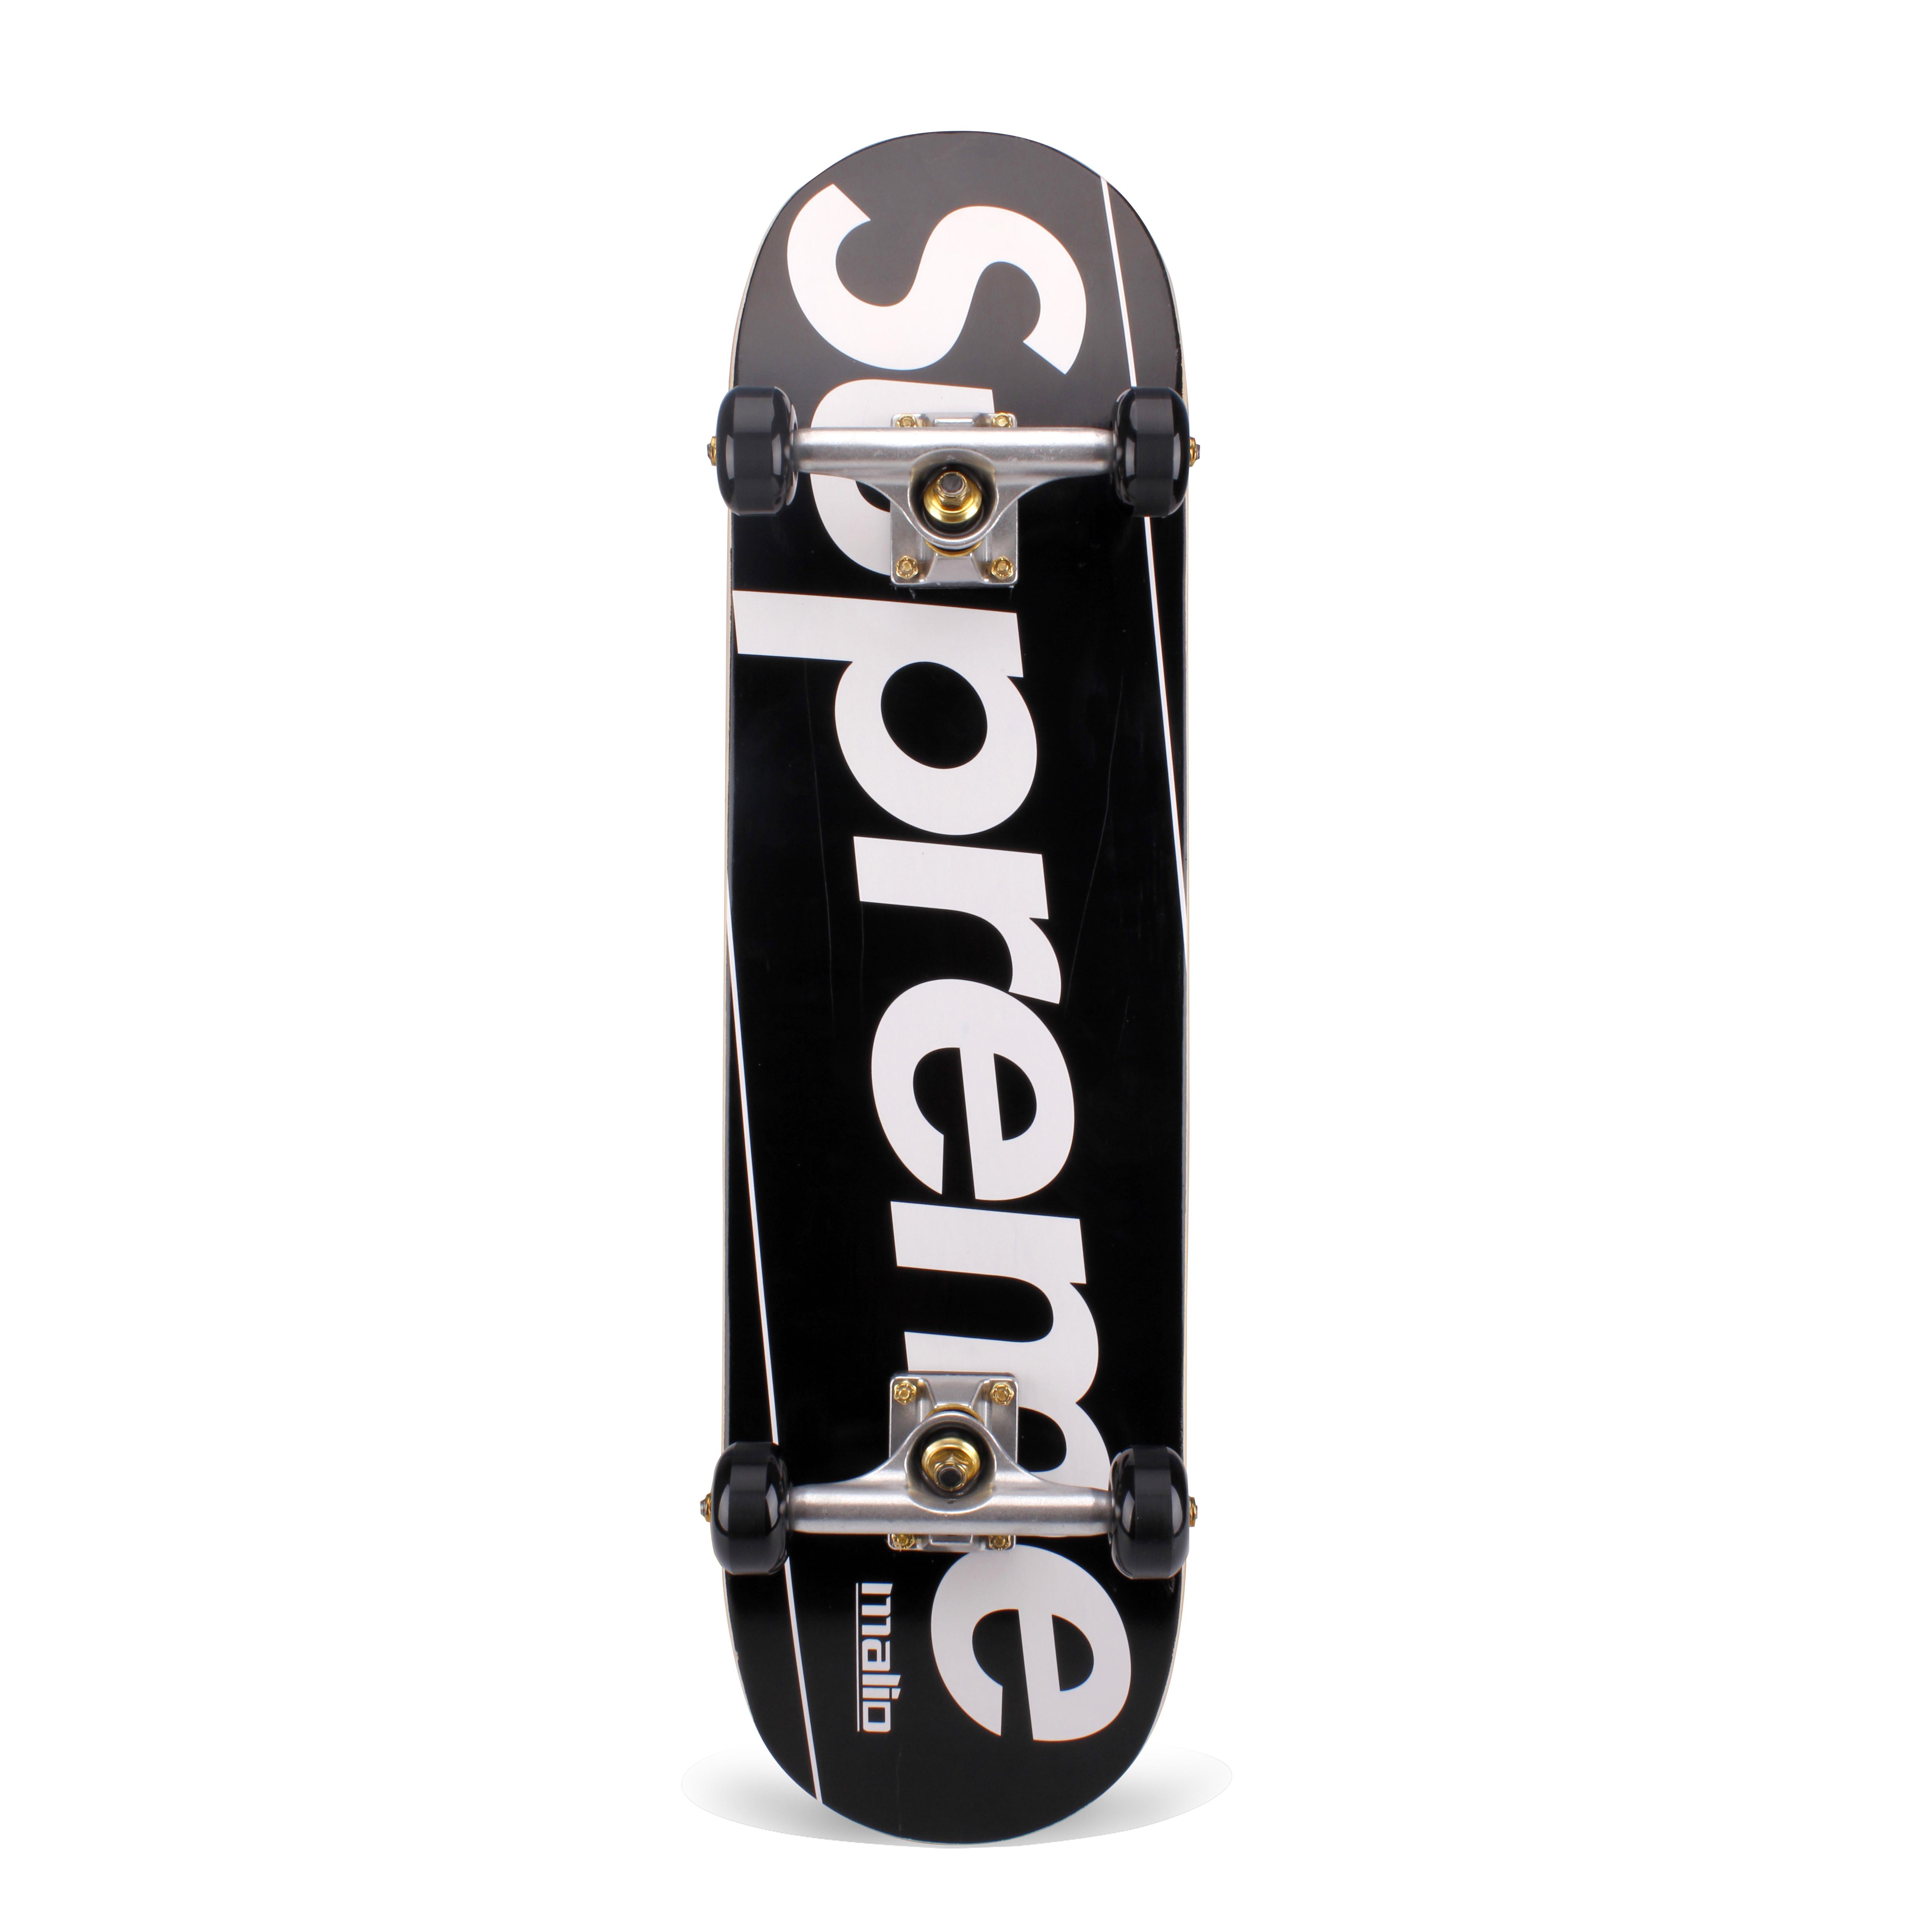 Ván trượt Skateboard Bensai 13 dành cho trẻ em và người lớn trên 6 tuổi có thể chịu được trọng lượng lên đến 75kg